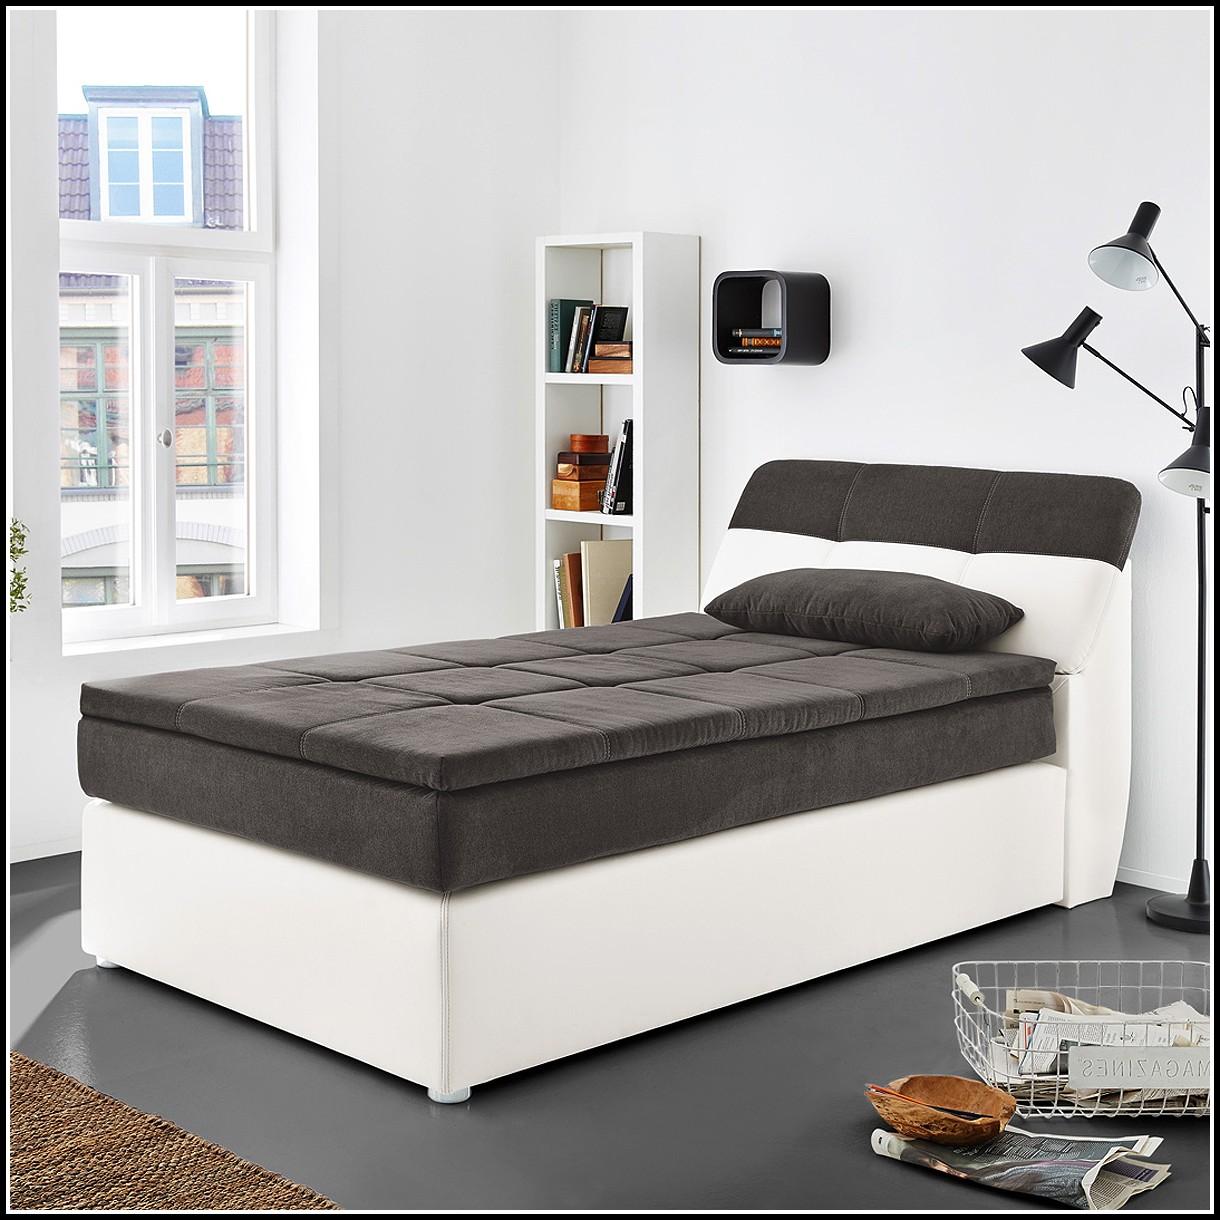 Betten 120x200 Weiss